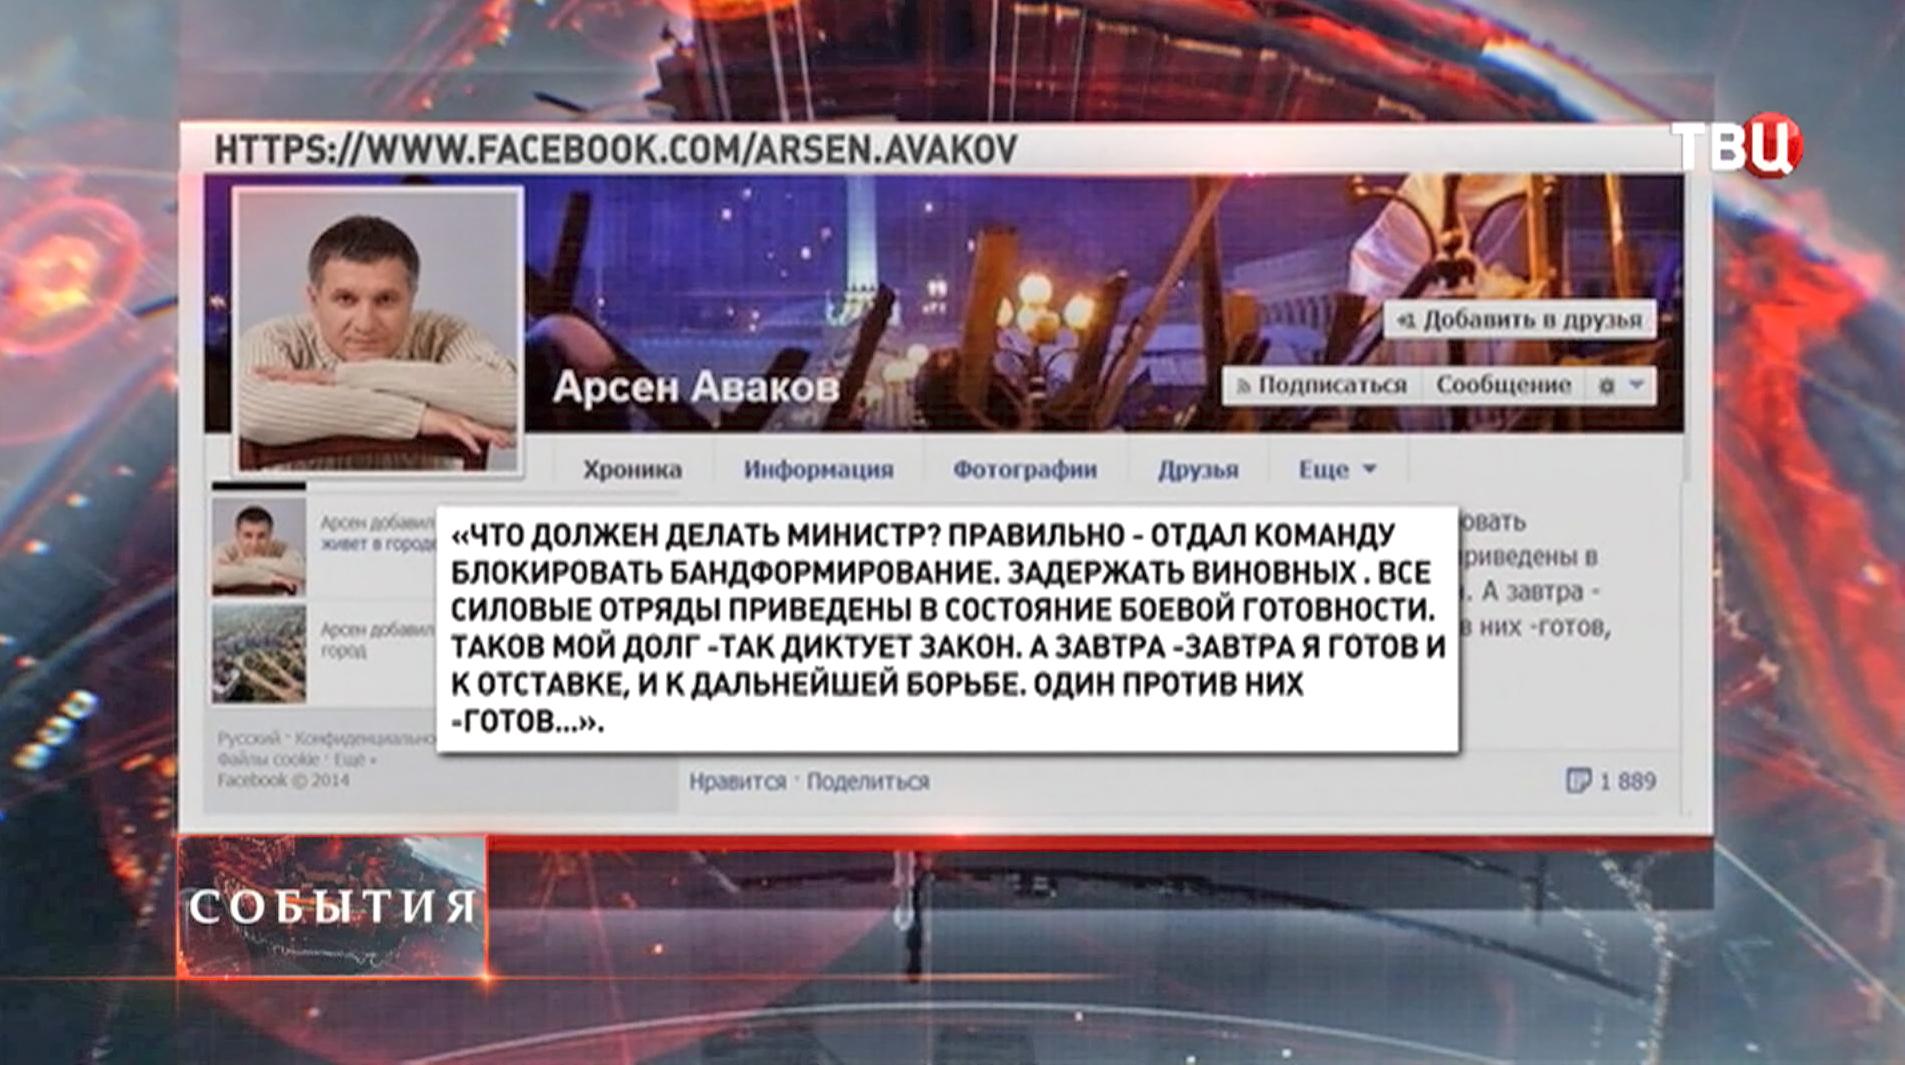 Слова Арсена Авакова в Facebook